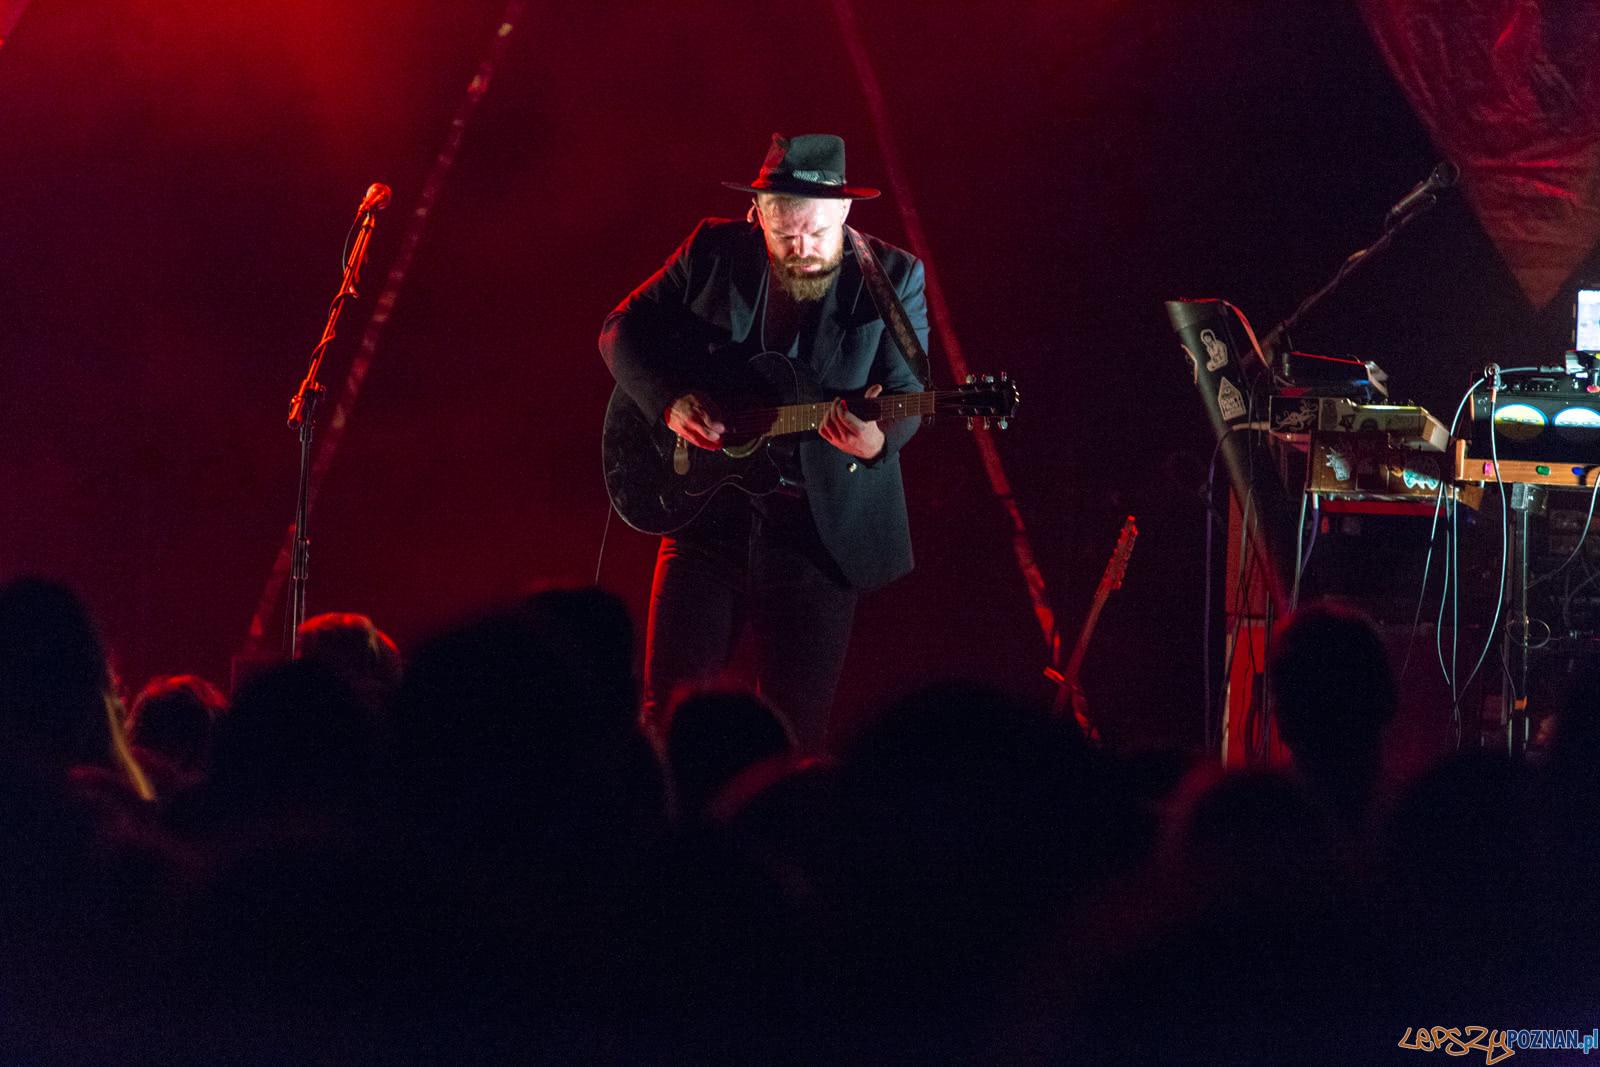 Smolik / Kev Fox w poznańskim klubie TAMA - Poznań 24.11.2018  Foto: LepszyPOZNAN.pl / Paweł Rychter